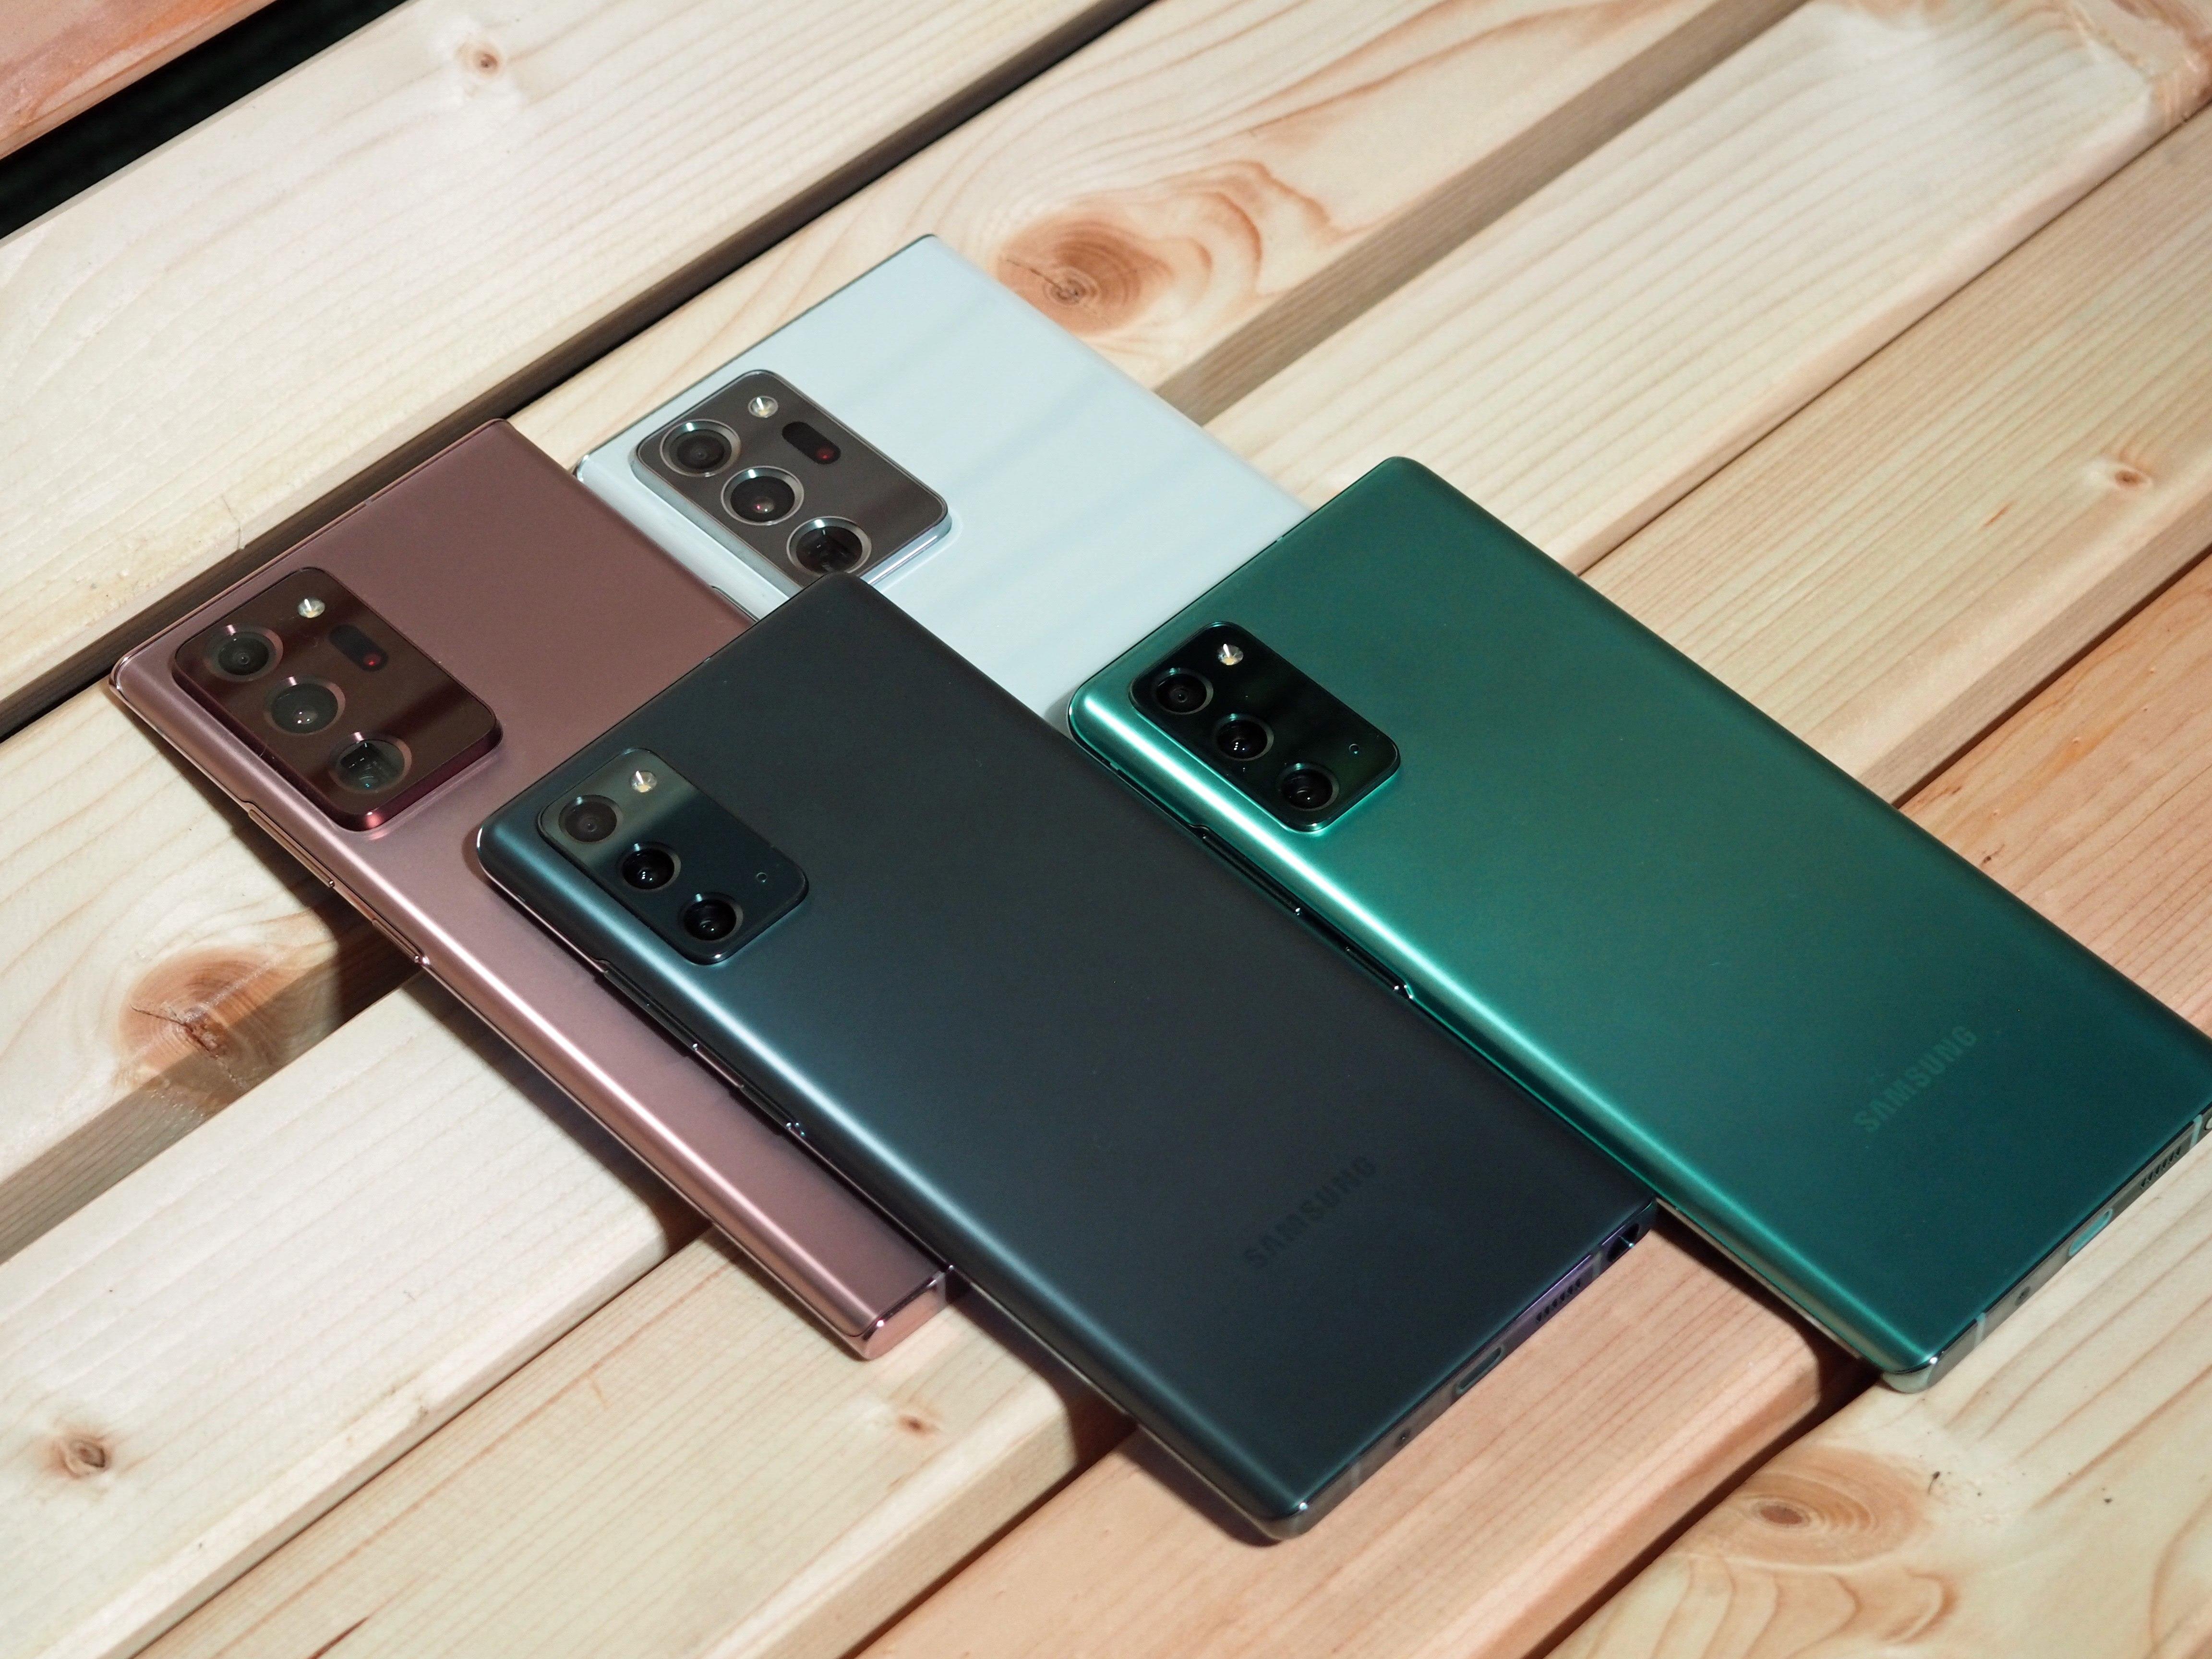 Farben des Samsung Galaxy Note 20